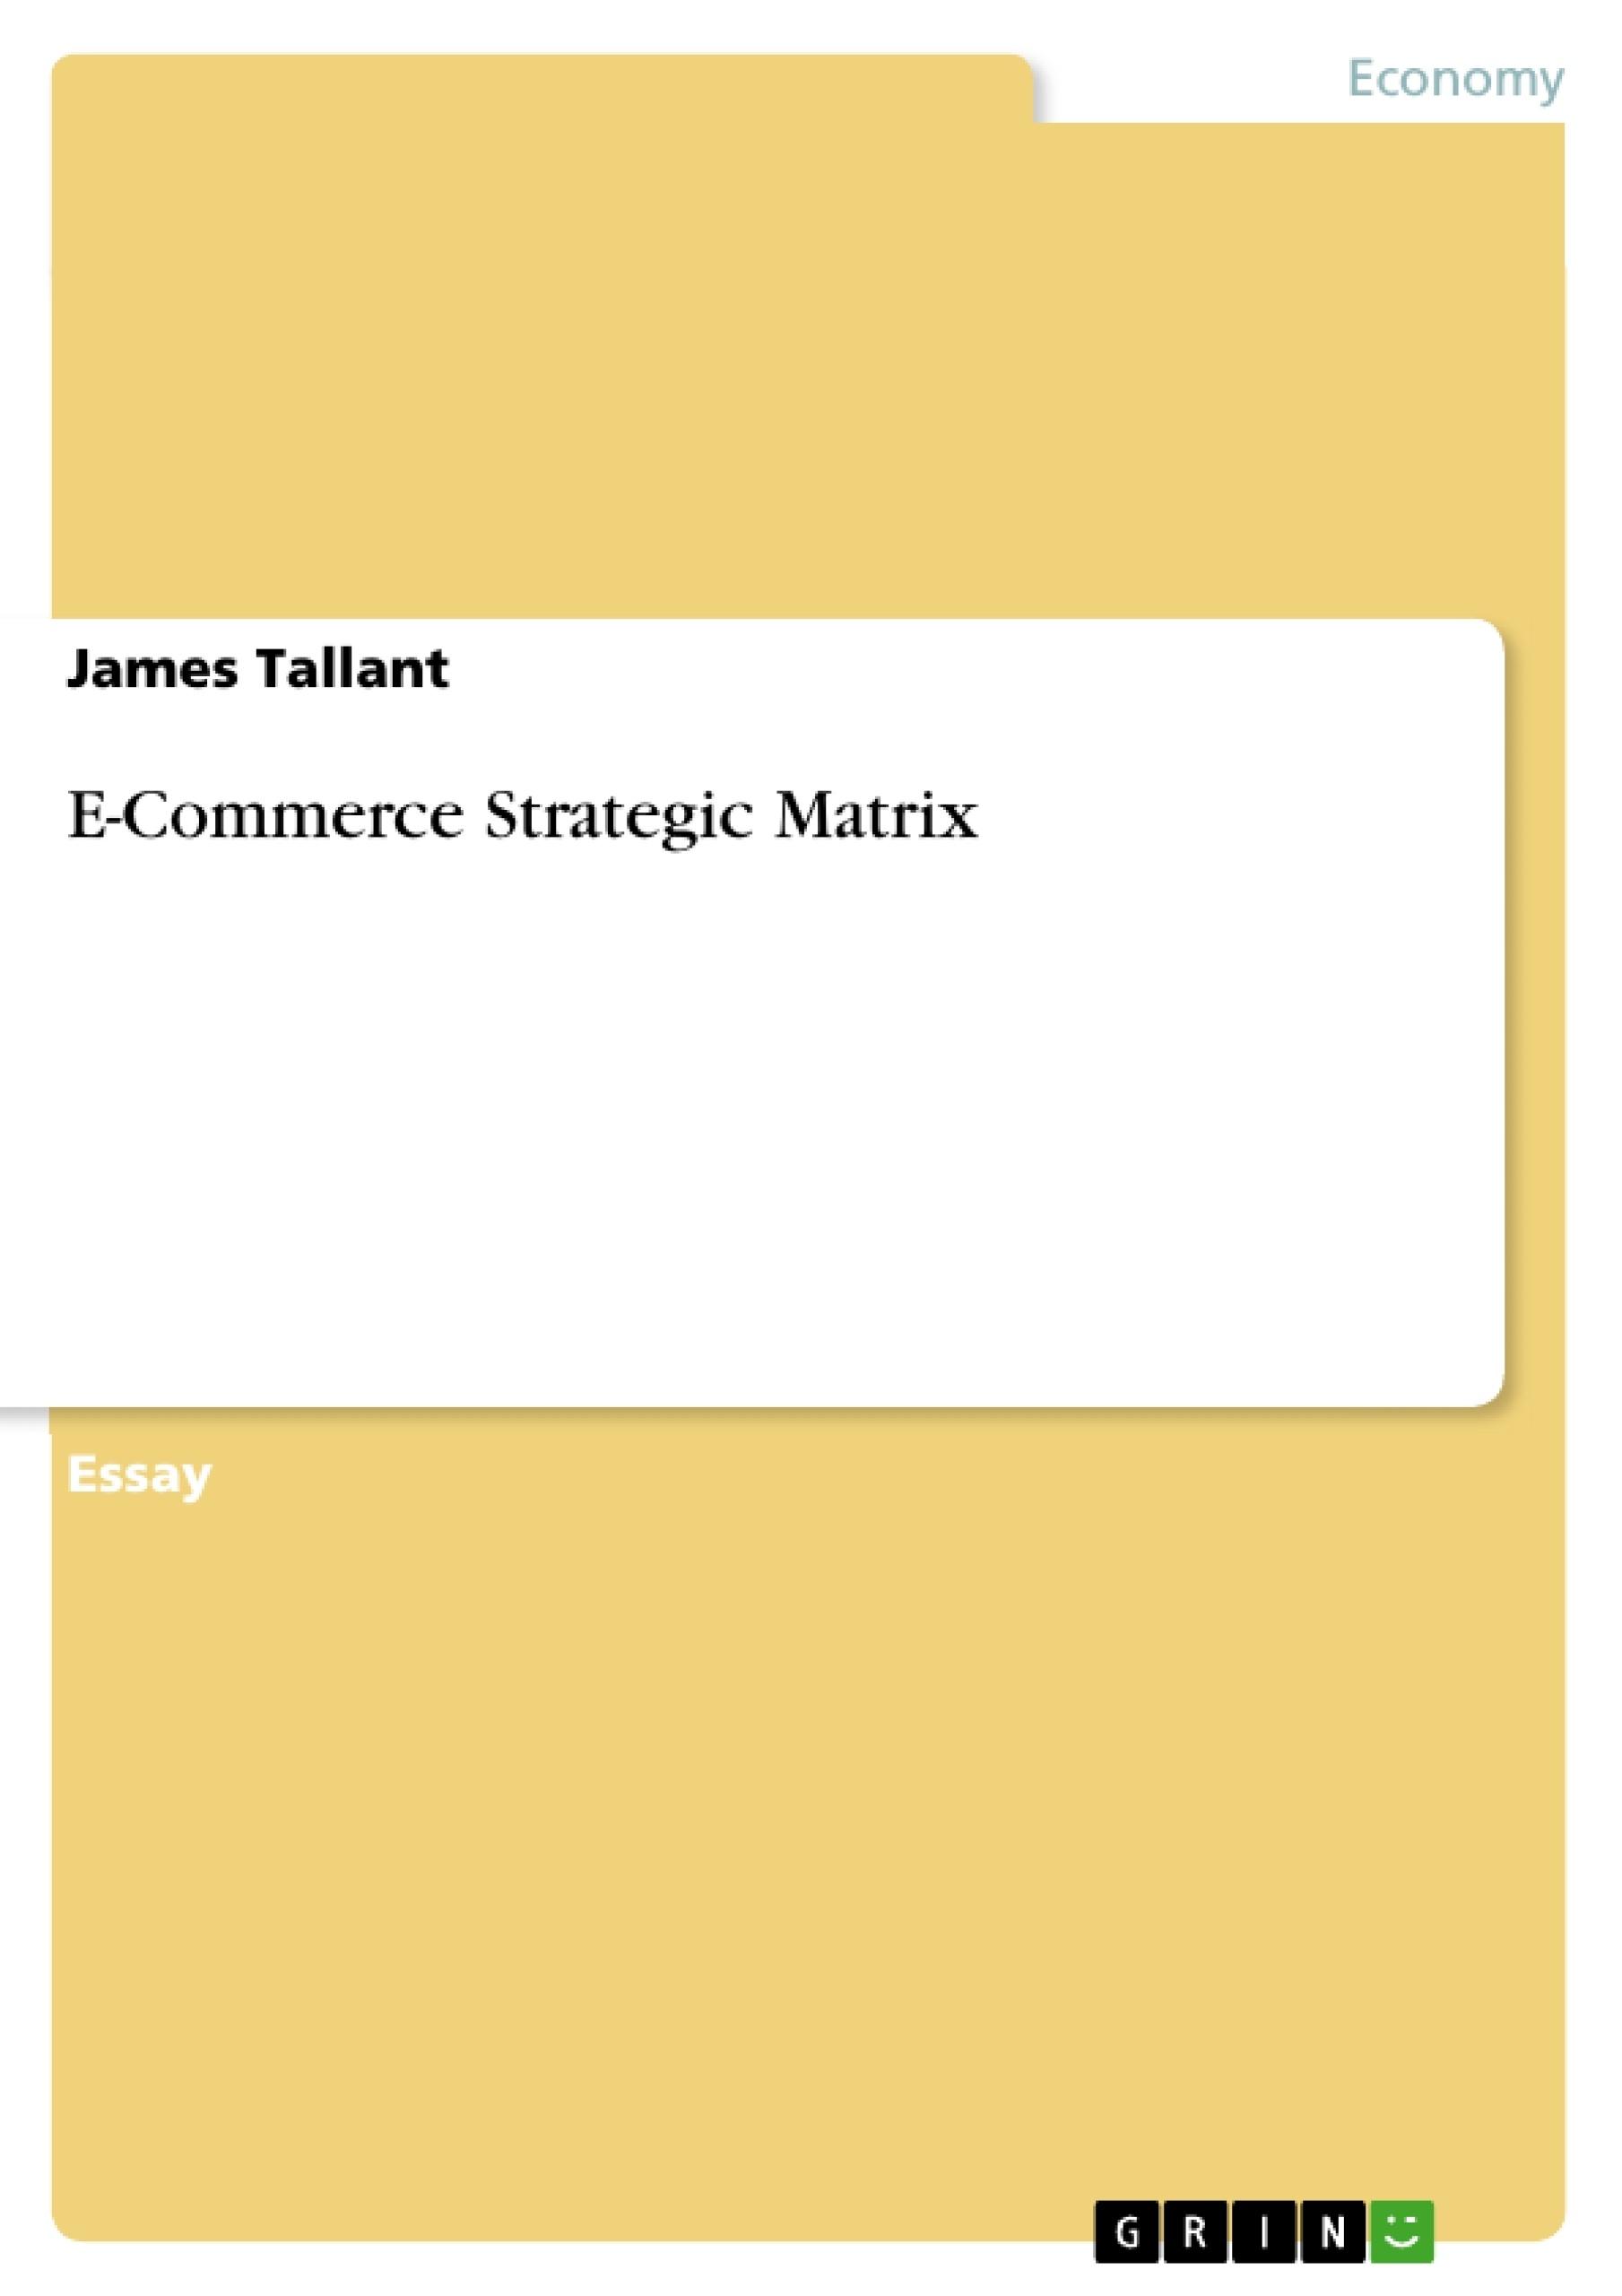 Title: E-Commerce Strategic Matrix